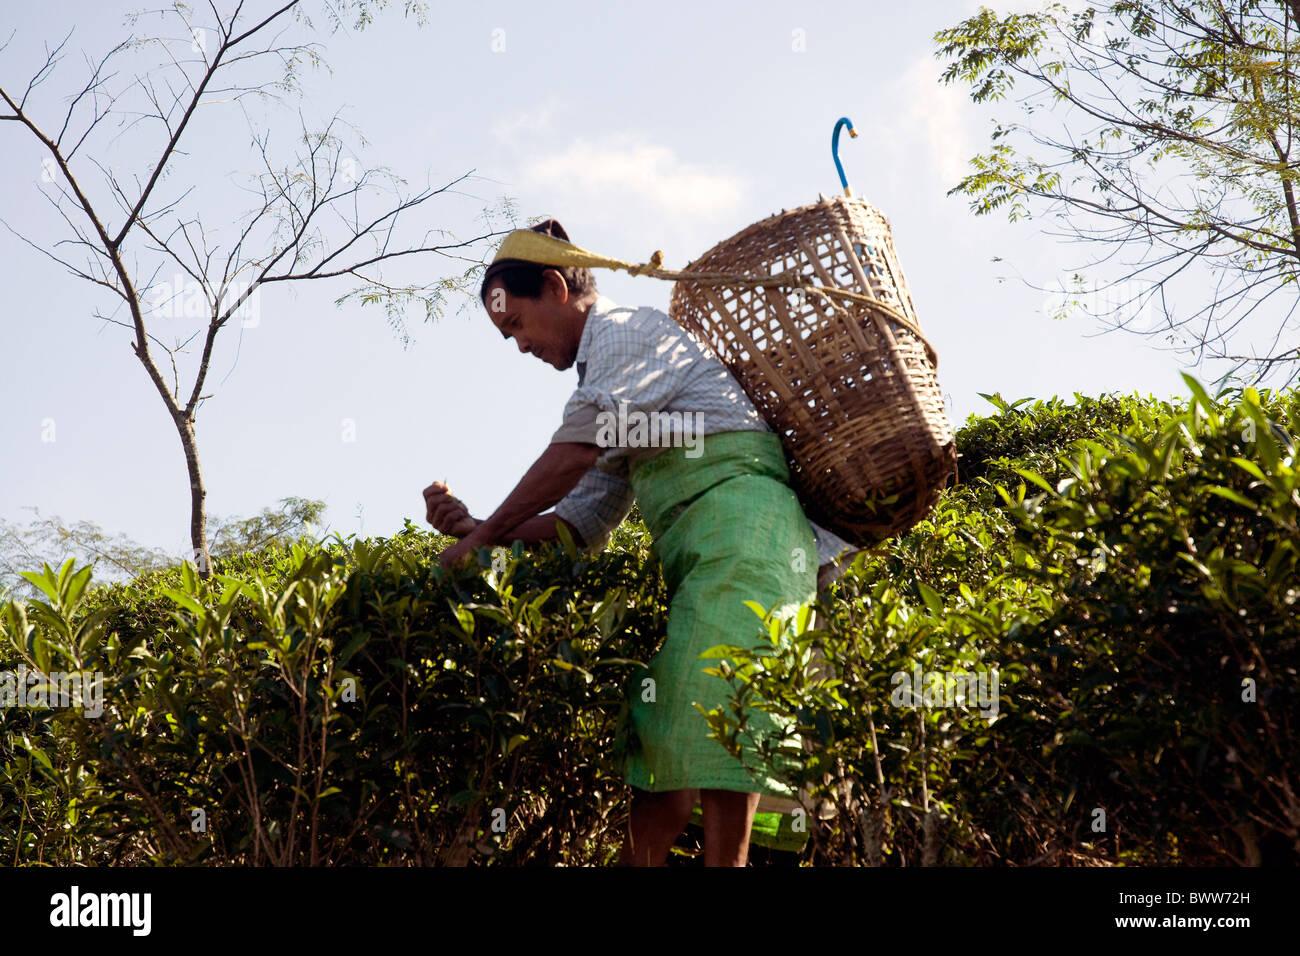 En extensas plantaciones de té Darjeeling cercano a los trabajadores unos pluck hojas frescas de cada arbusto Imagen De Stock